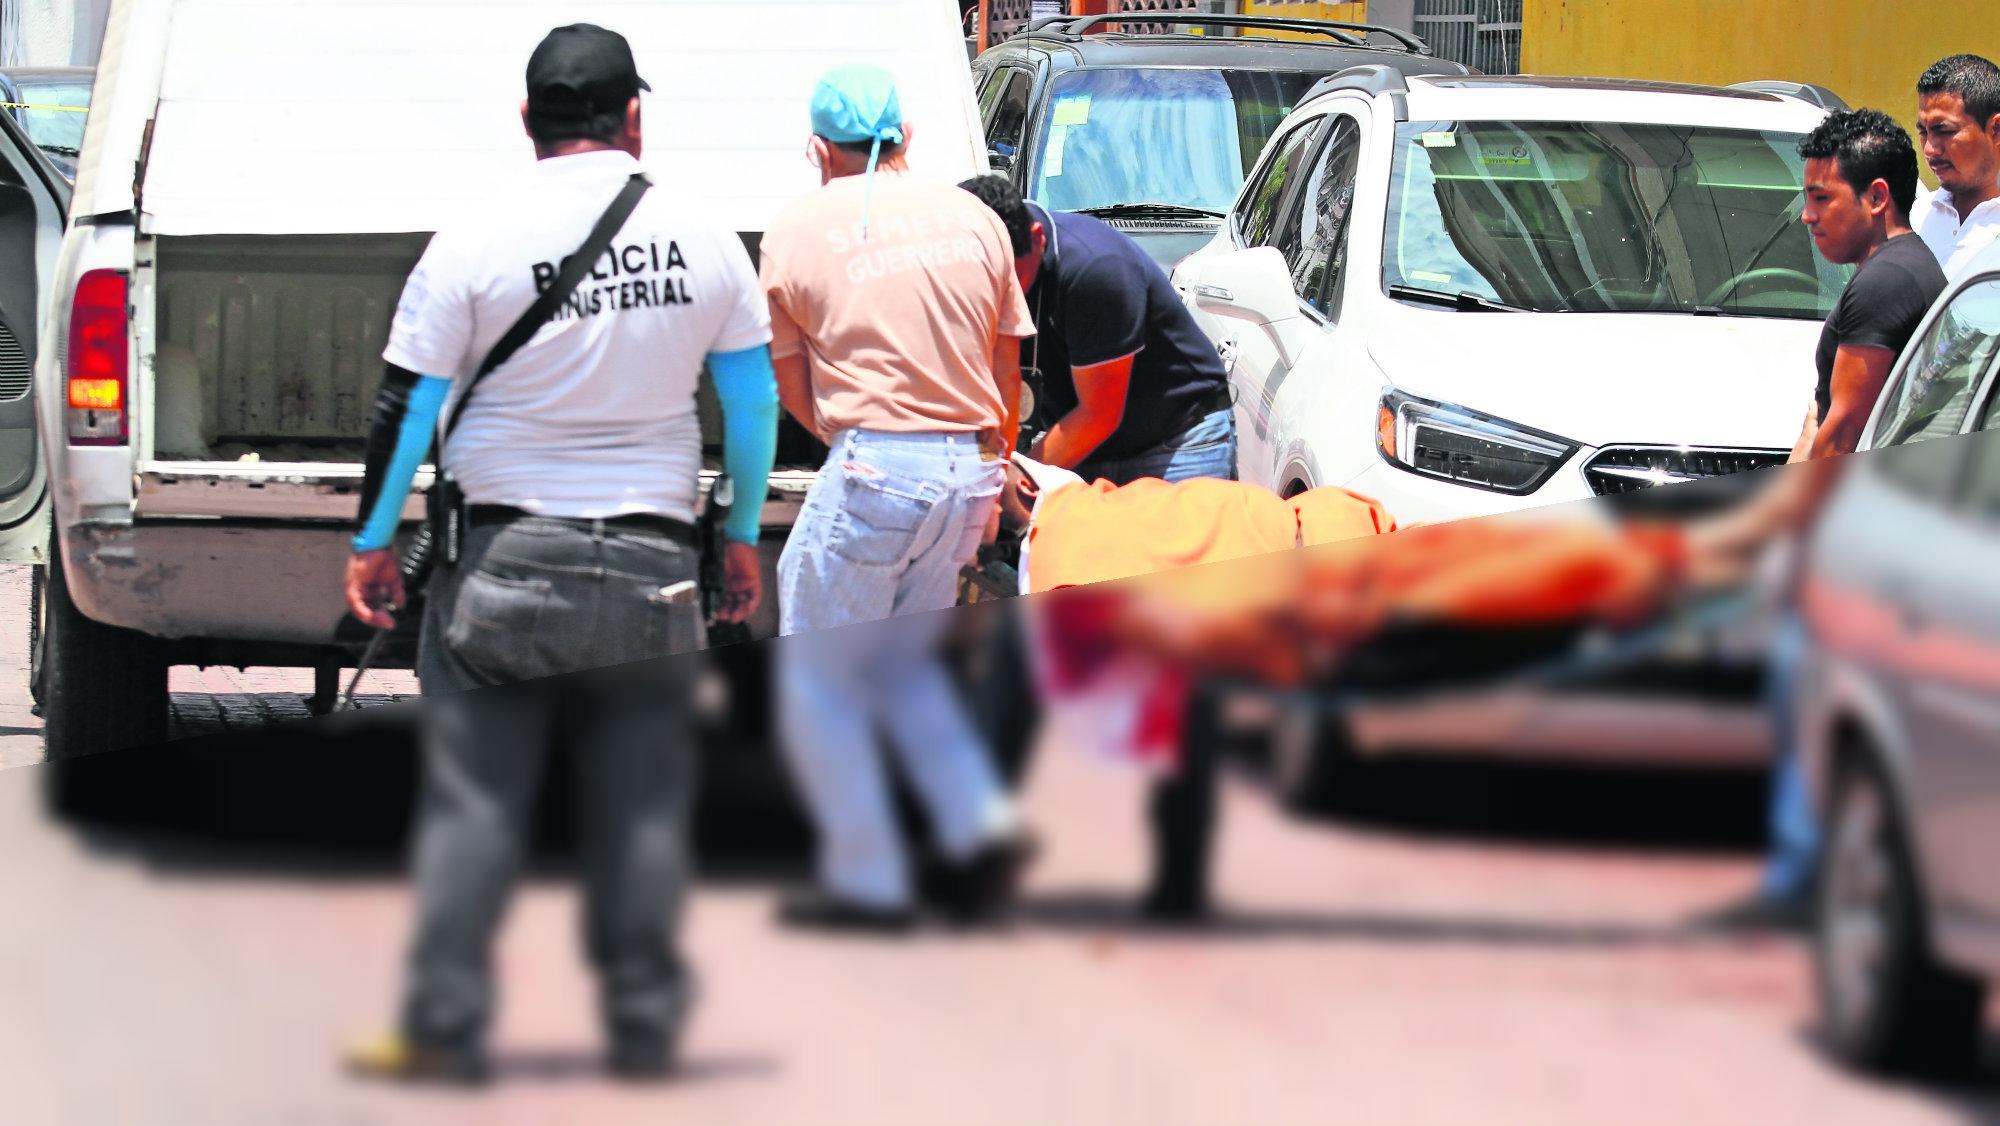 Trimestre más violento Ola de sangre Violencia Seguridad México